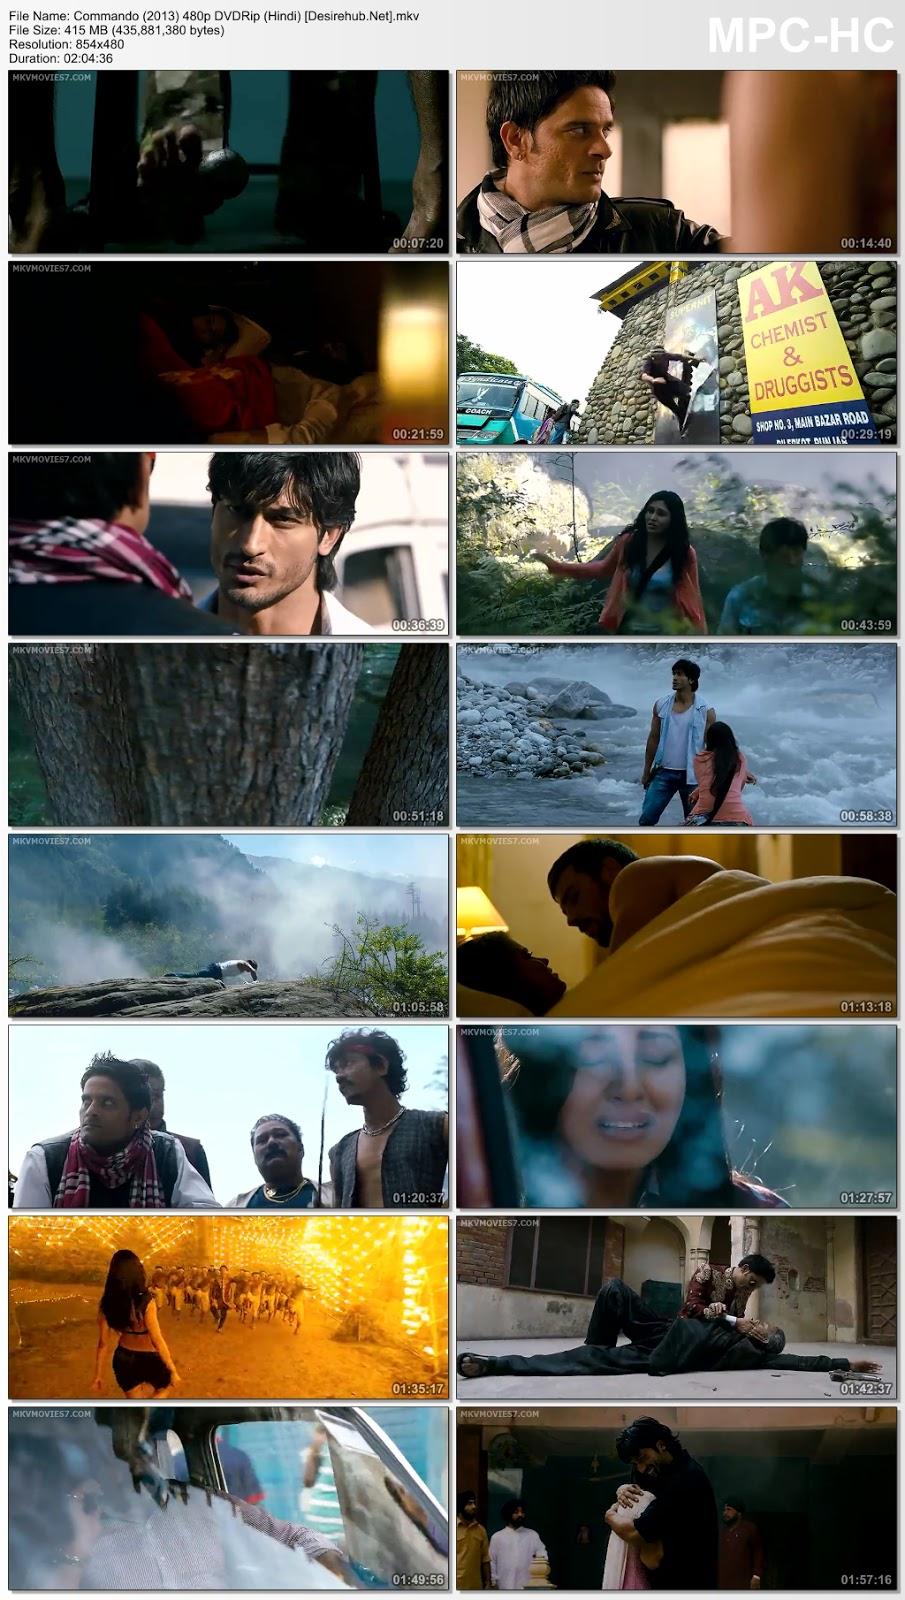 Commando (2013) 480p DVDRip (Hindi) – 400MB Desirehub